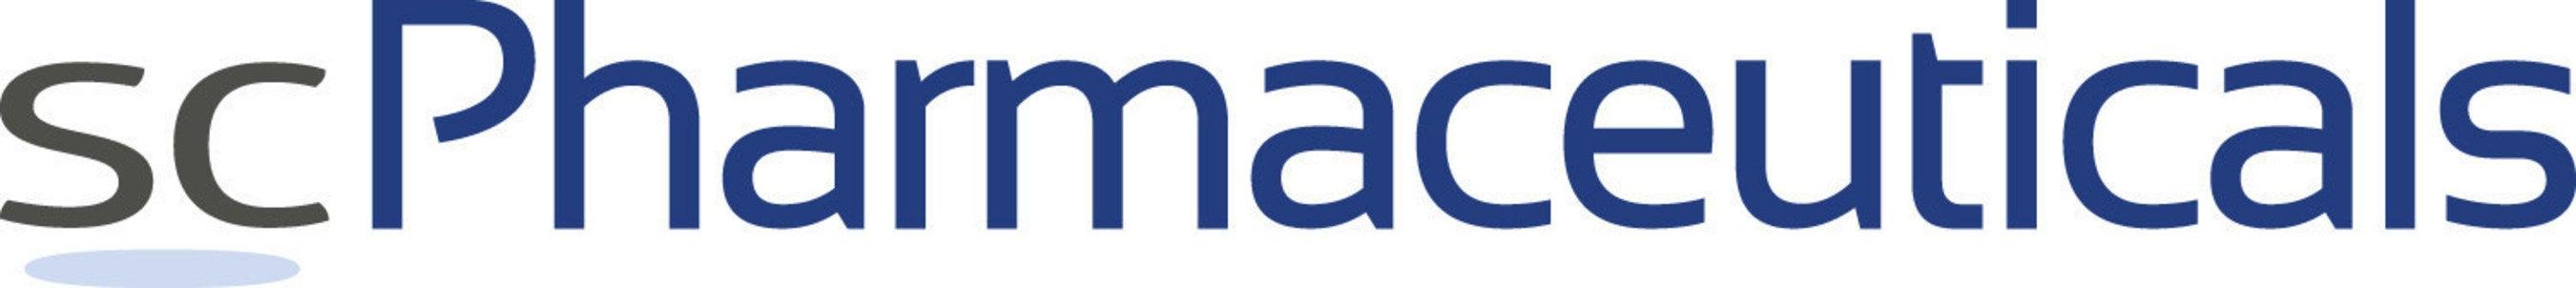 SCPH logo